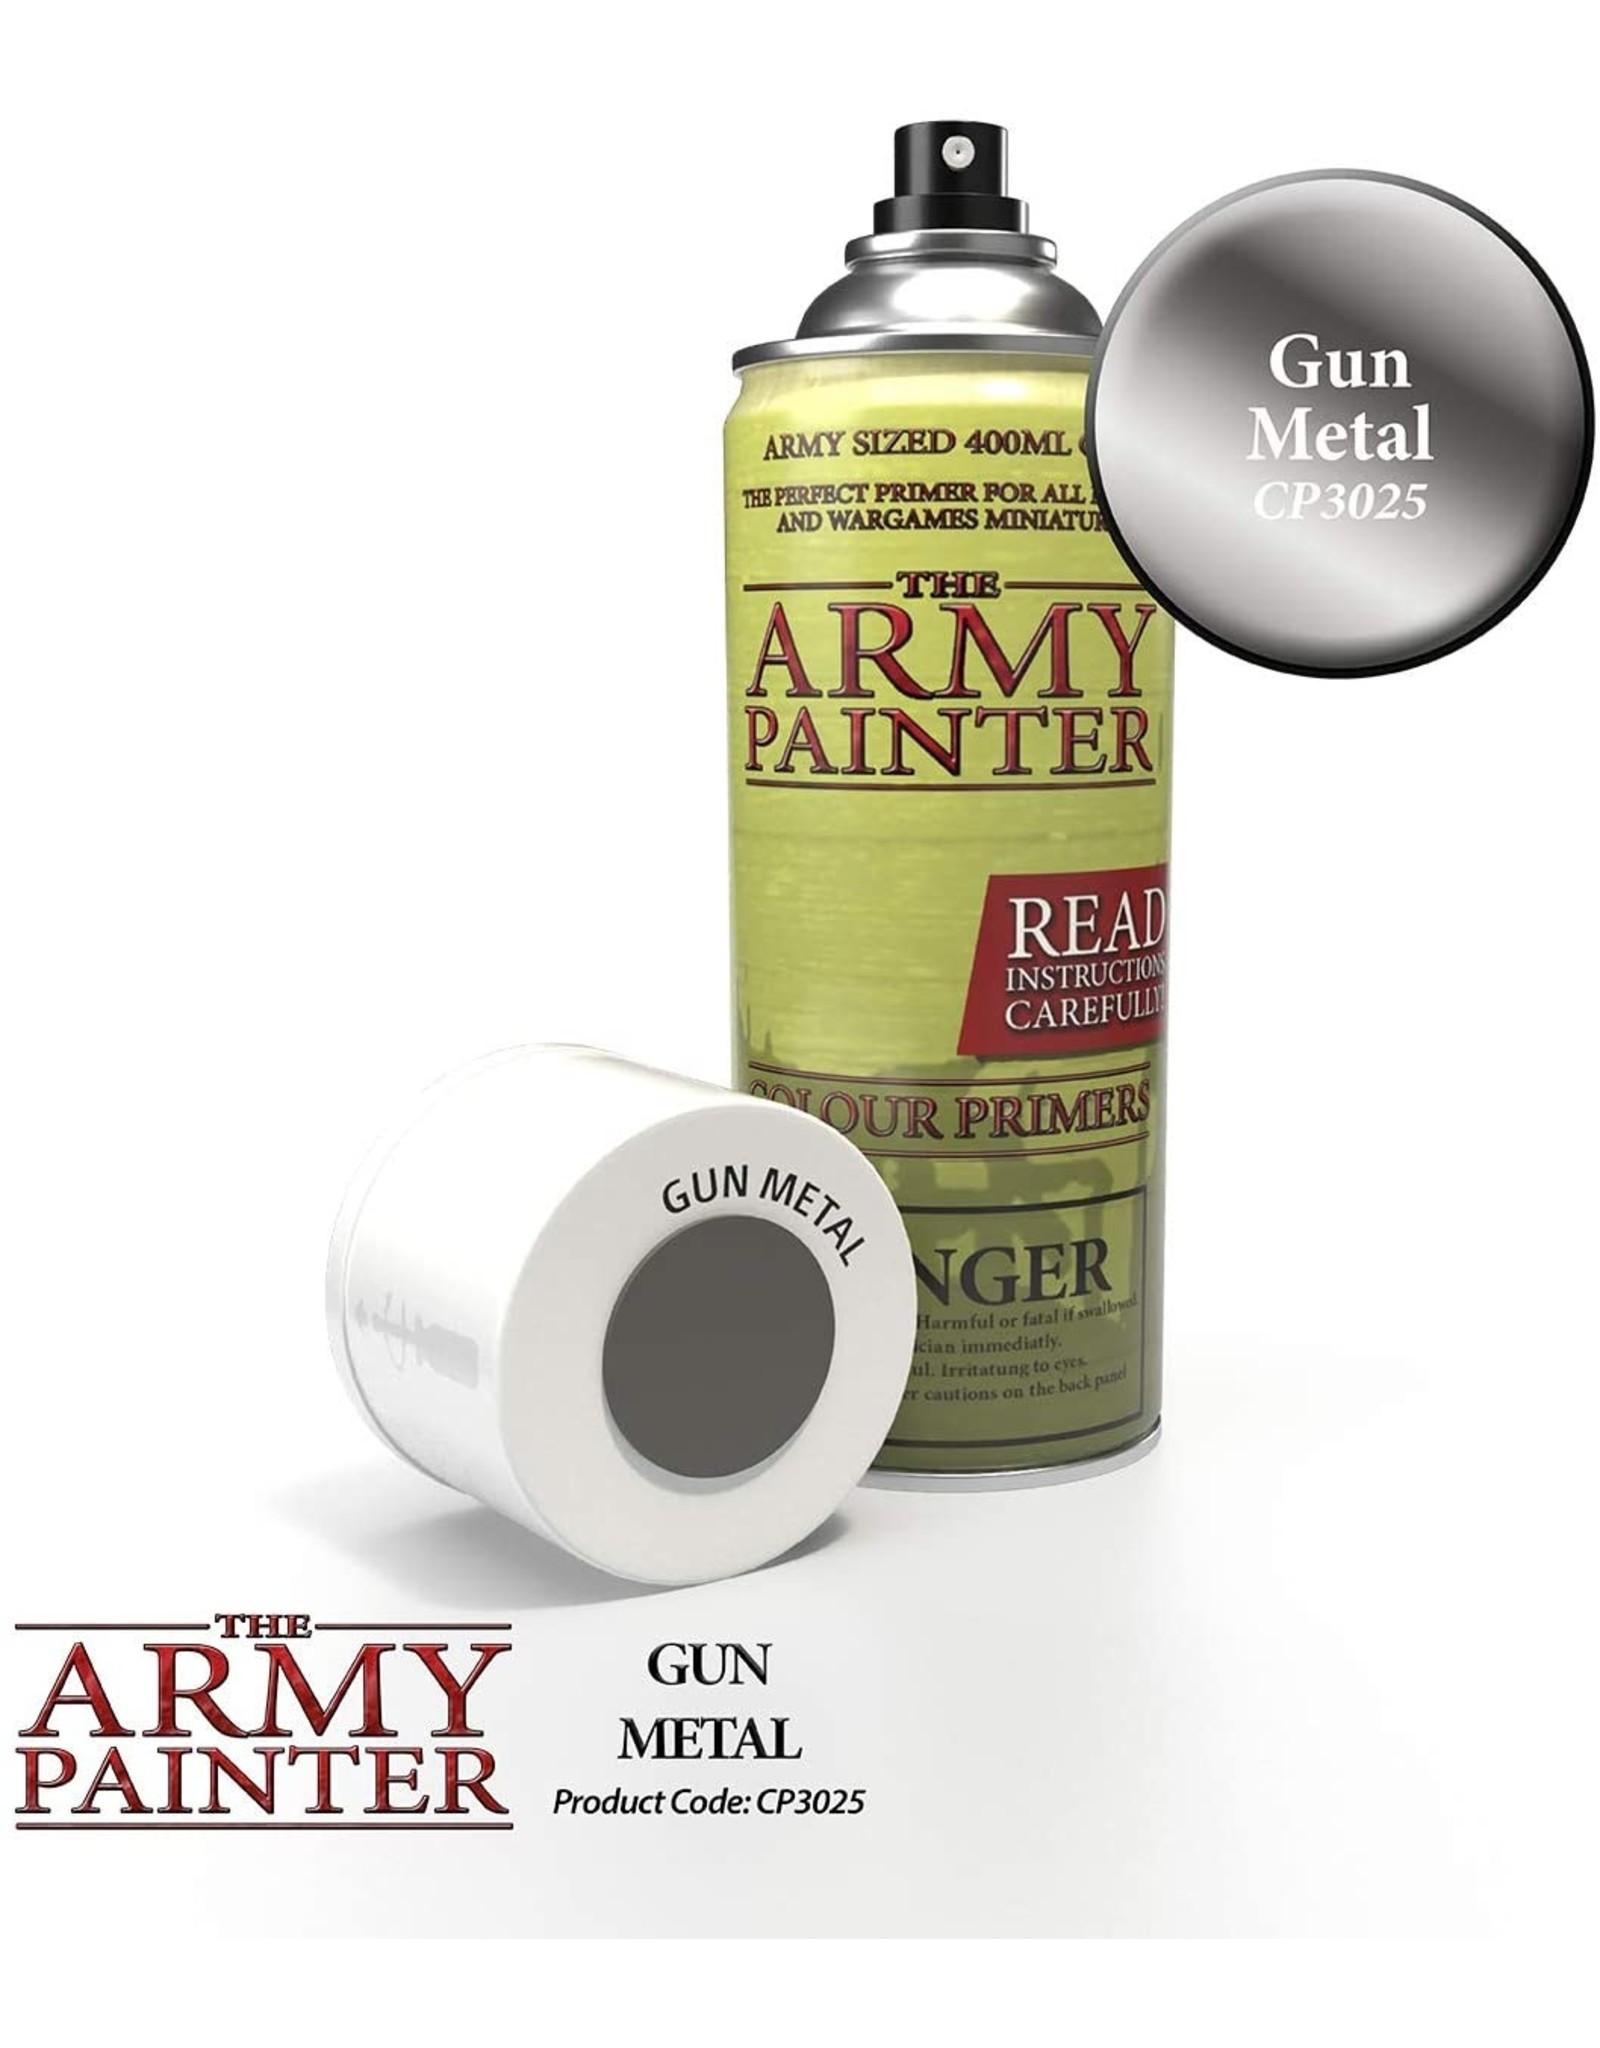 ARMY PAINTER COLOR PRIMER GUN METAL